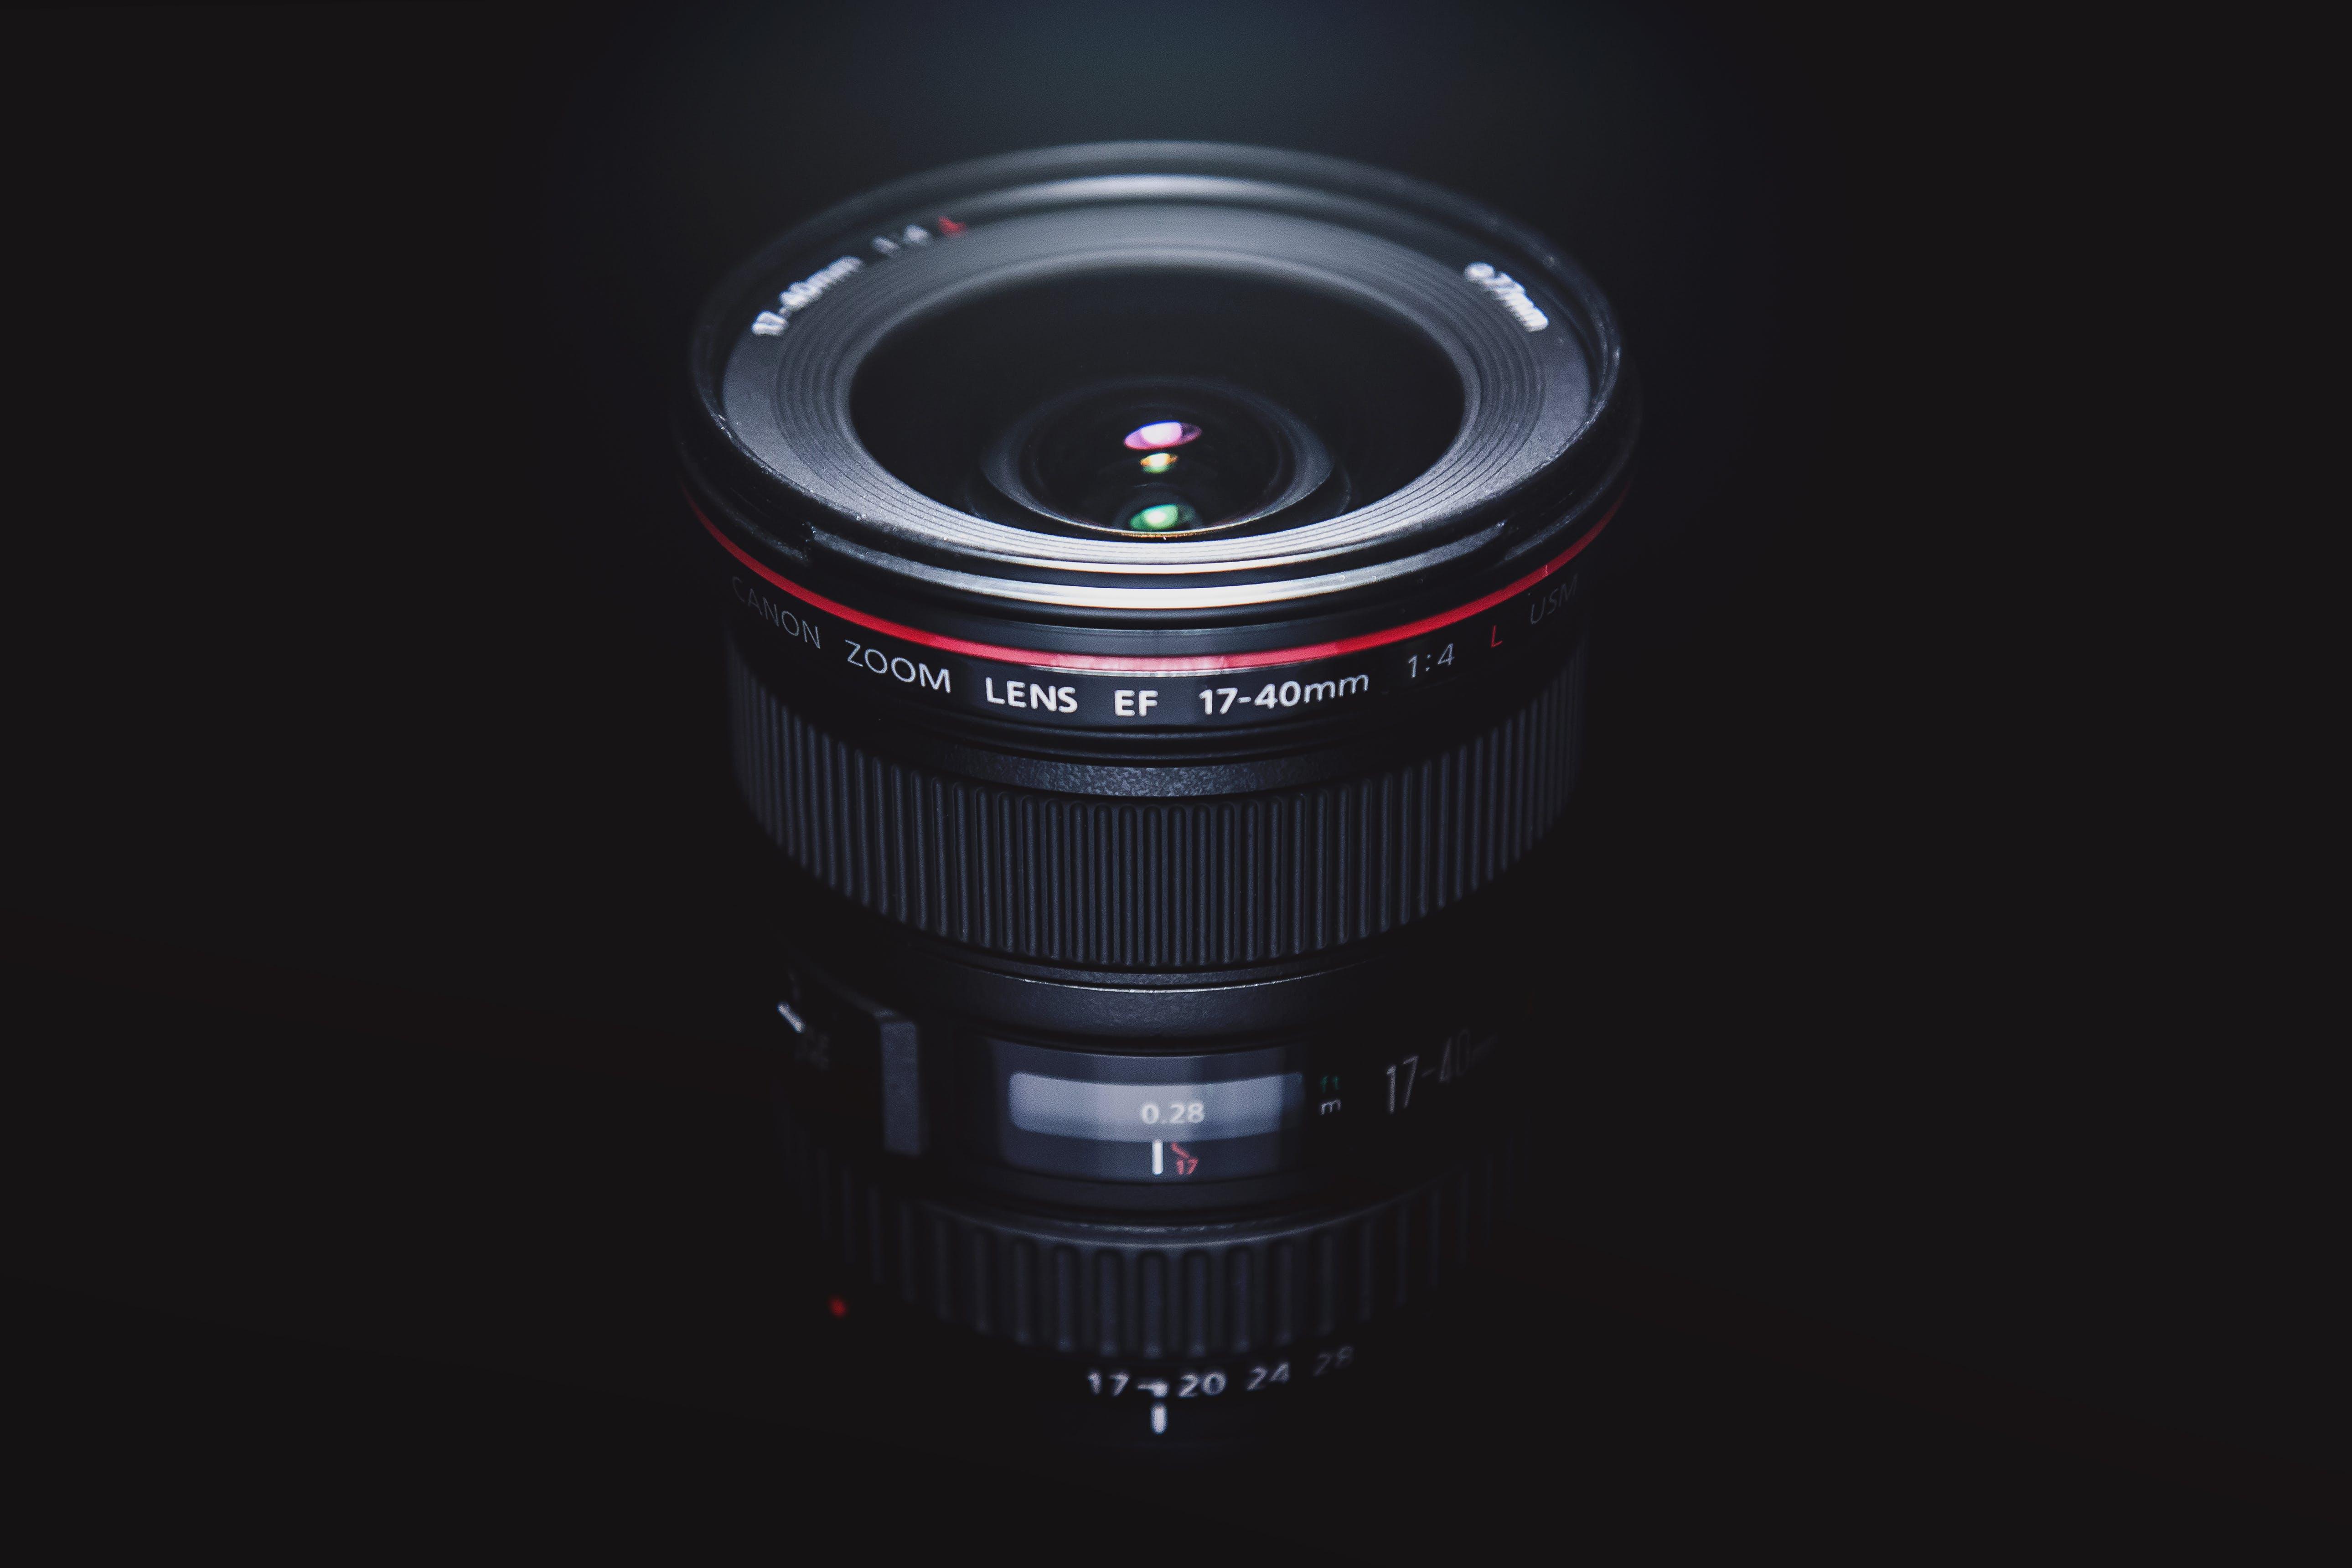 Black Ef 17-40mm Camera Lens in Dark Surface